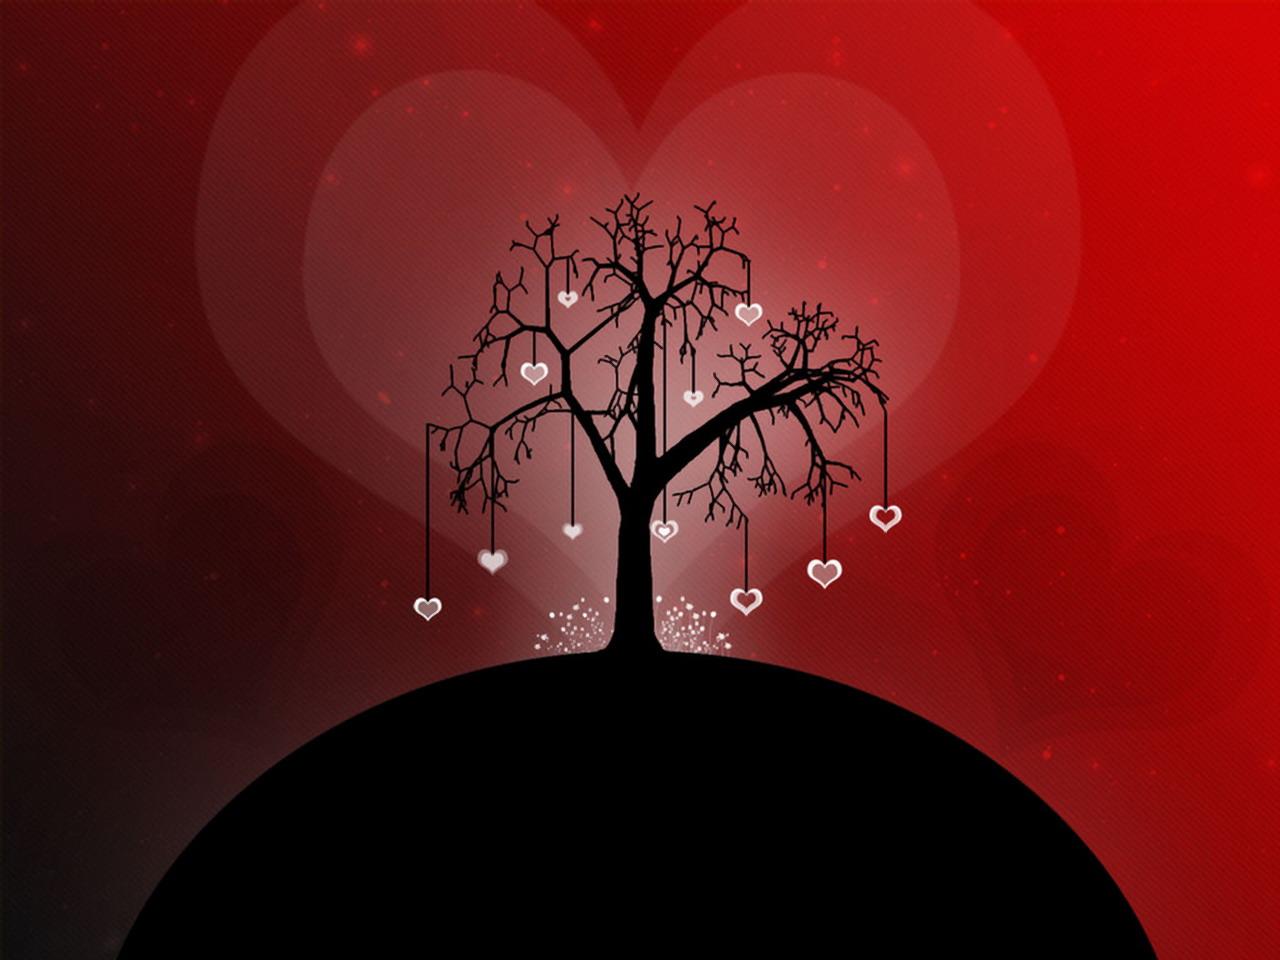 New Love Wallpapers Full HD - WallpaperSafari